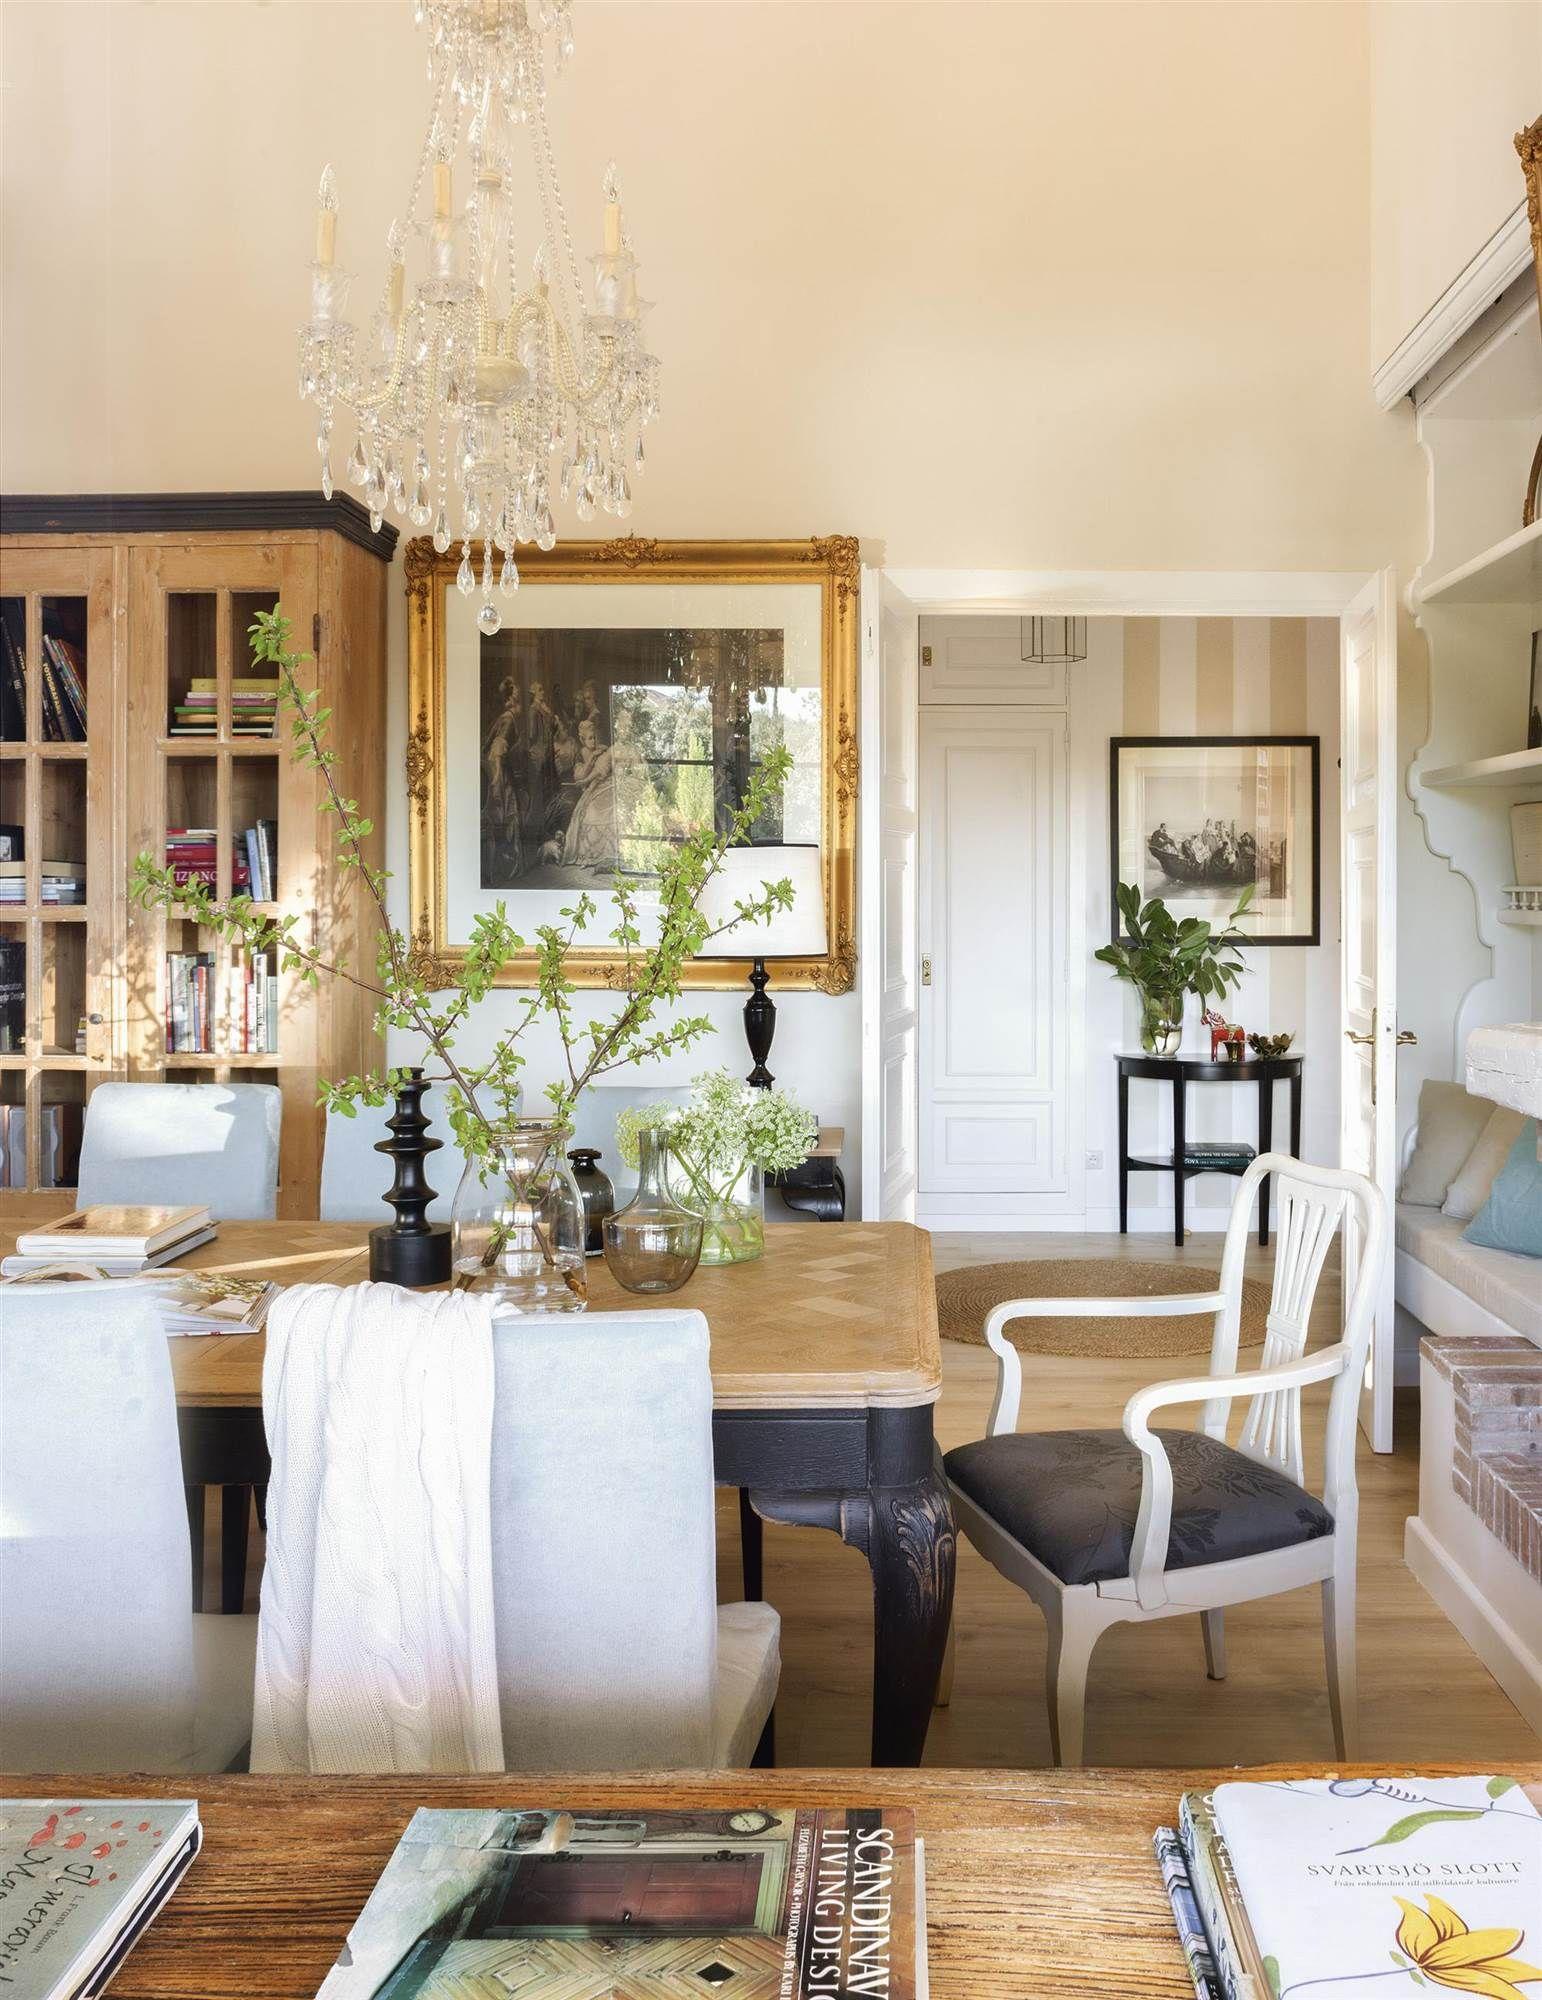 comedor decoracin sueca salones cocinas espacios interiores muebles mesas amor